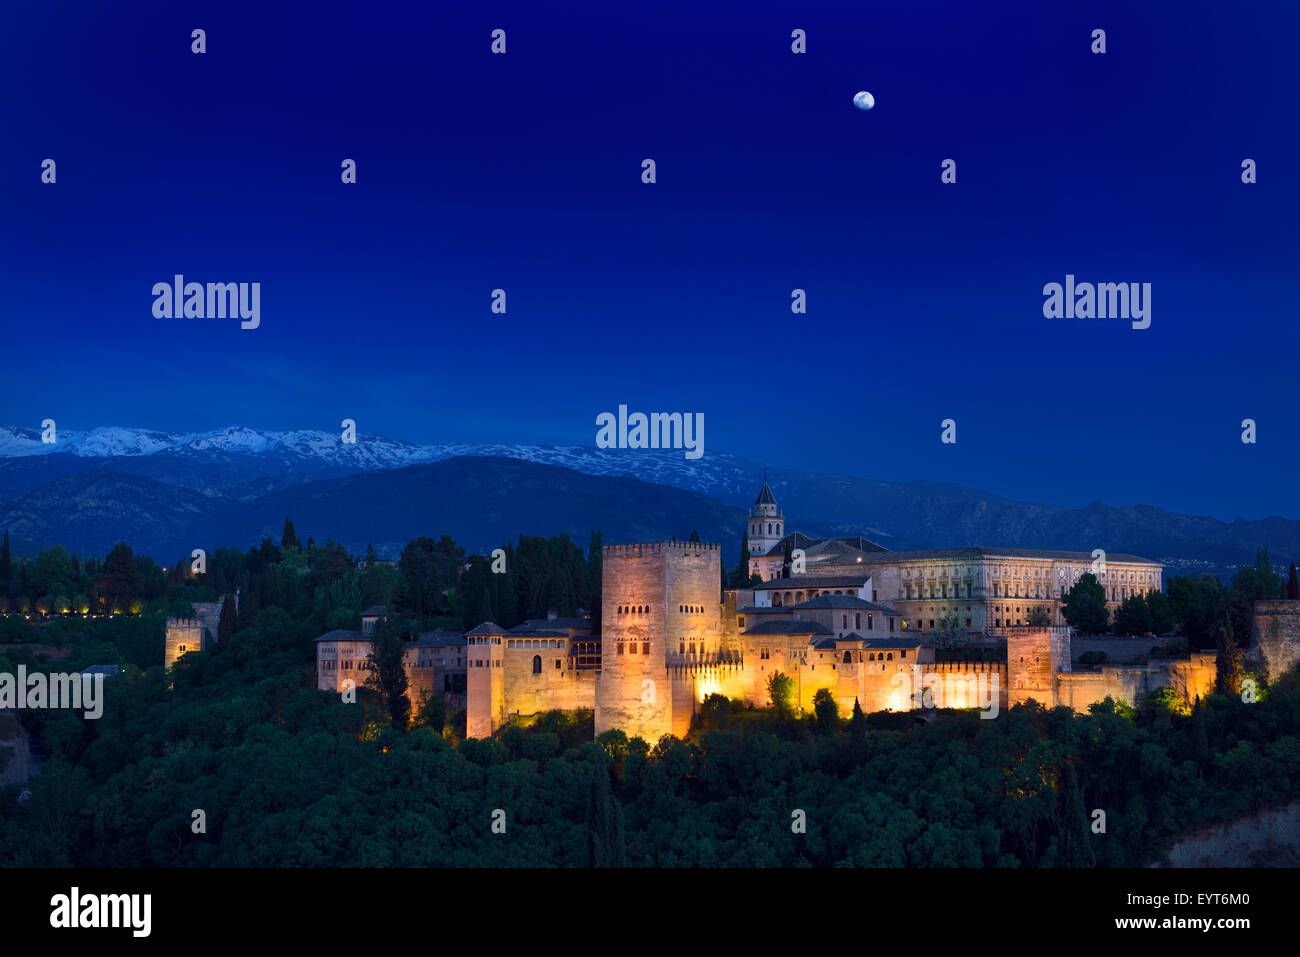 Lever de lune allumé colline de l'Alhambra de Grenade complexe forteresse au crépuscule avec enneigés Photo Stock